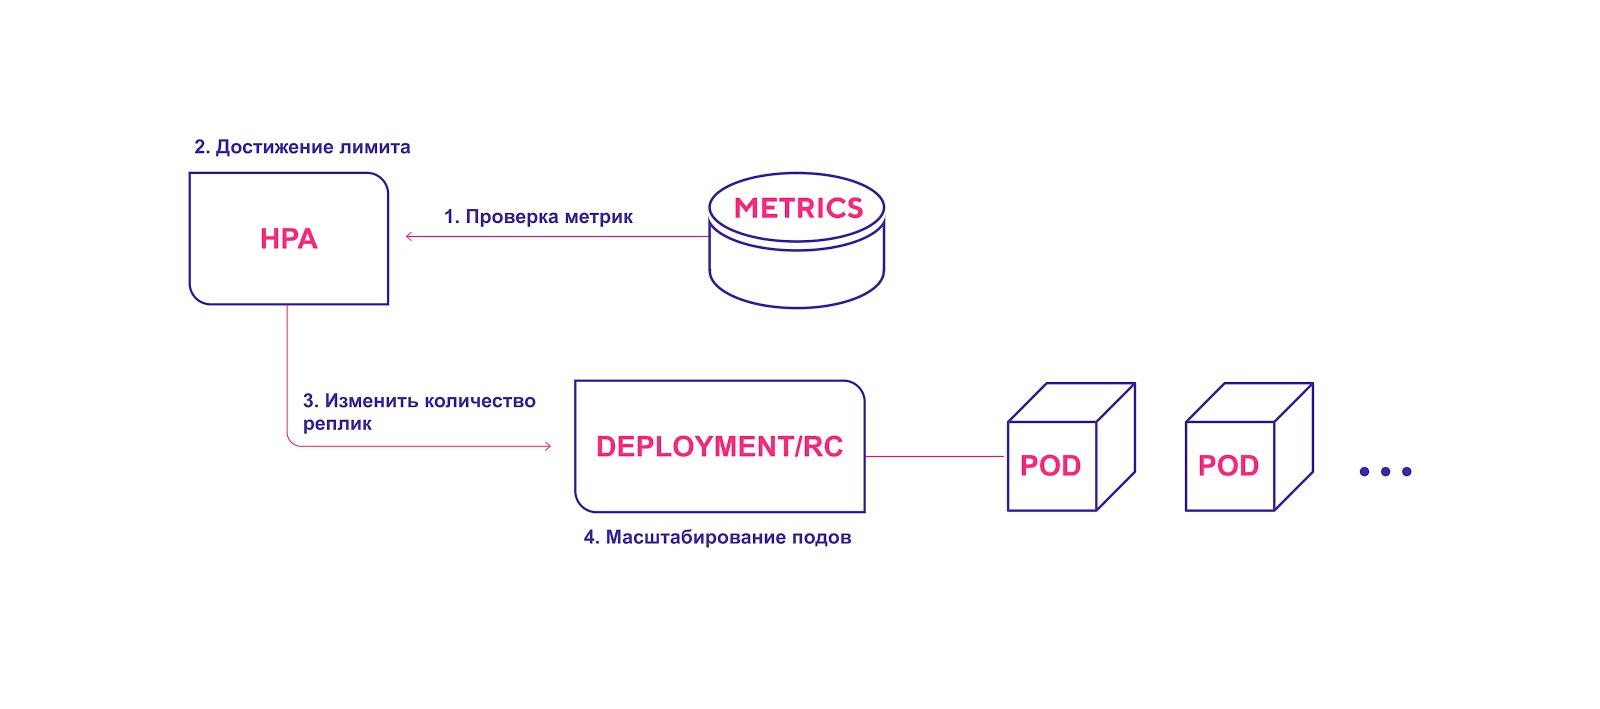 Три уровня автомасштабирования в Kubernetes: как их эффективно использовать - 2